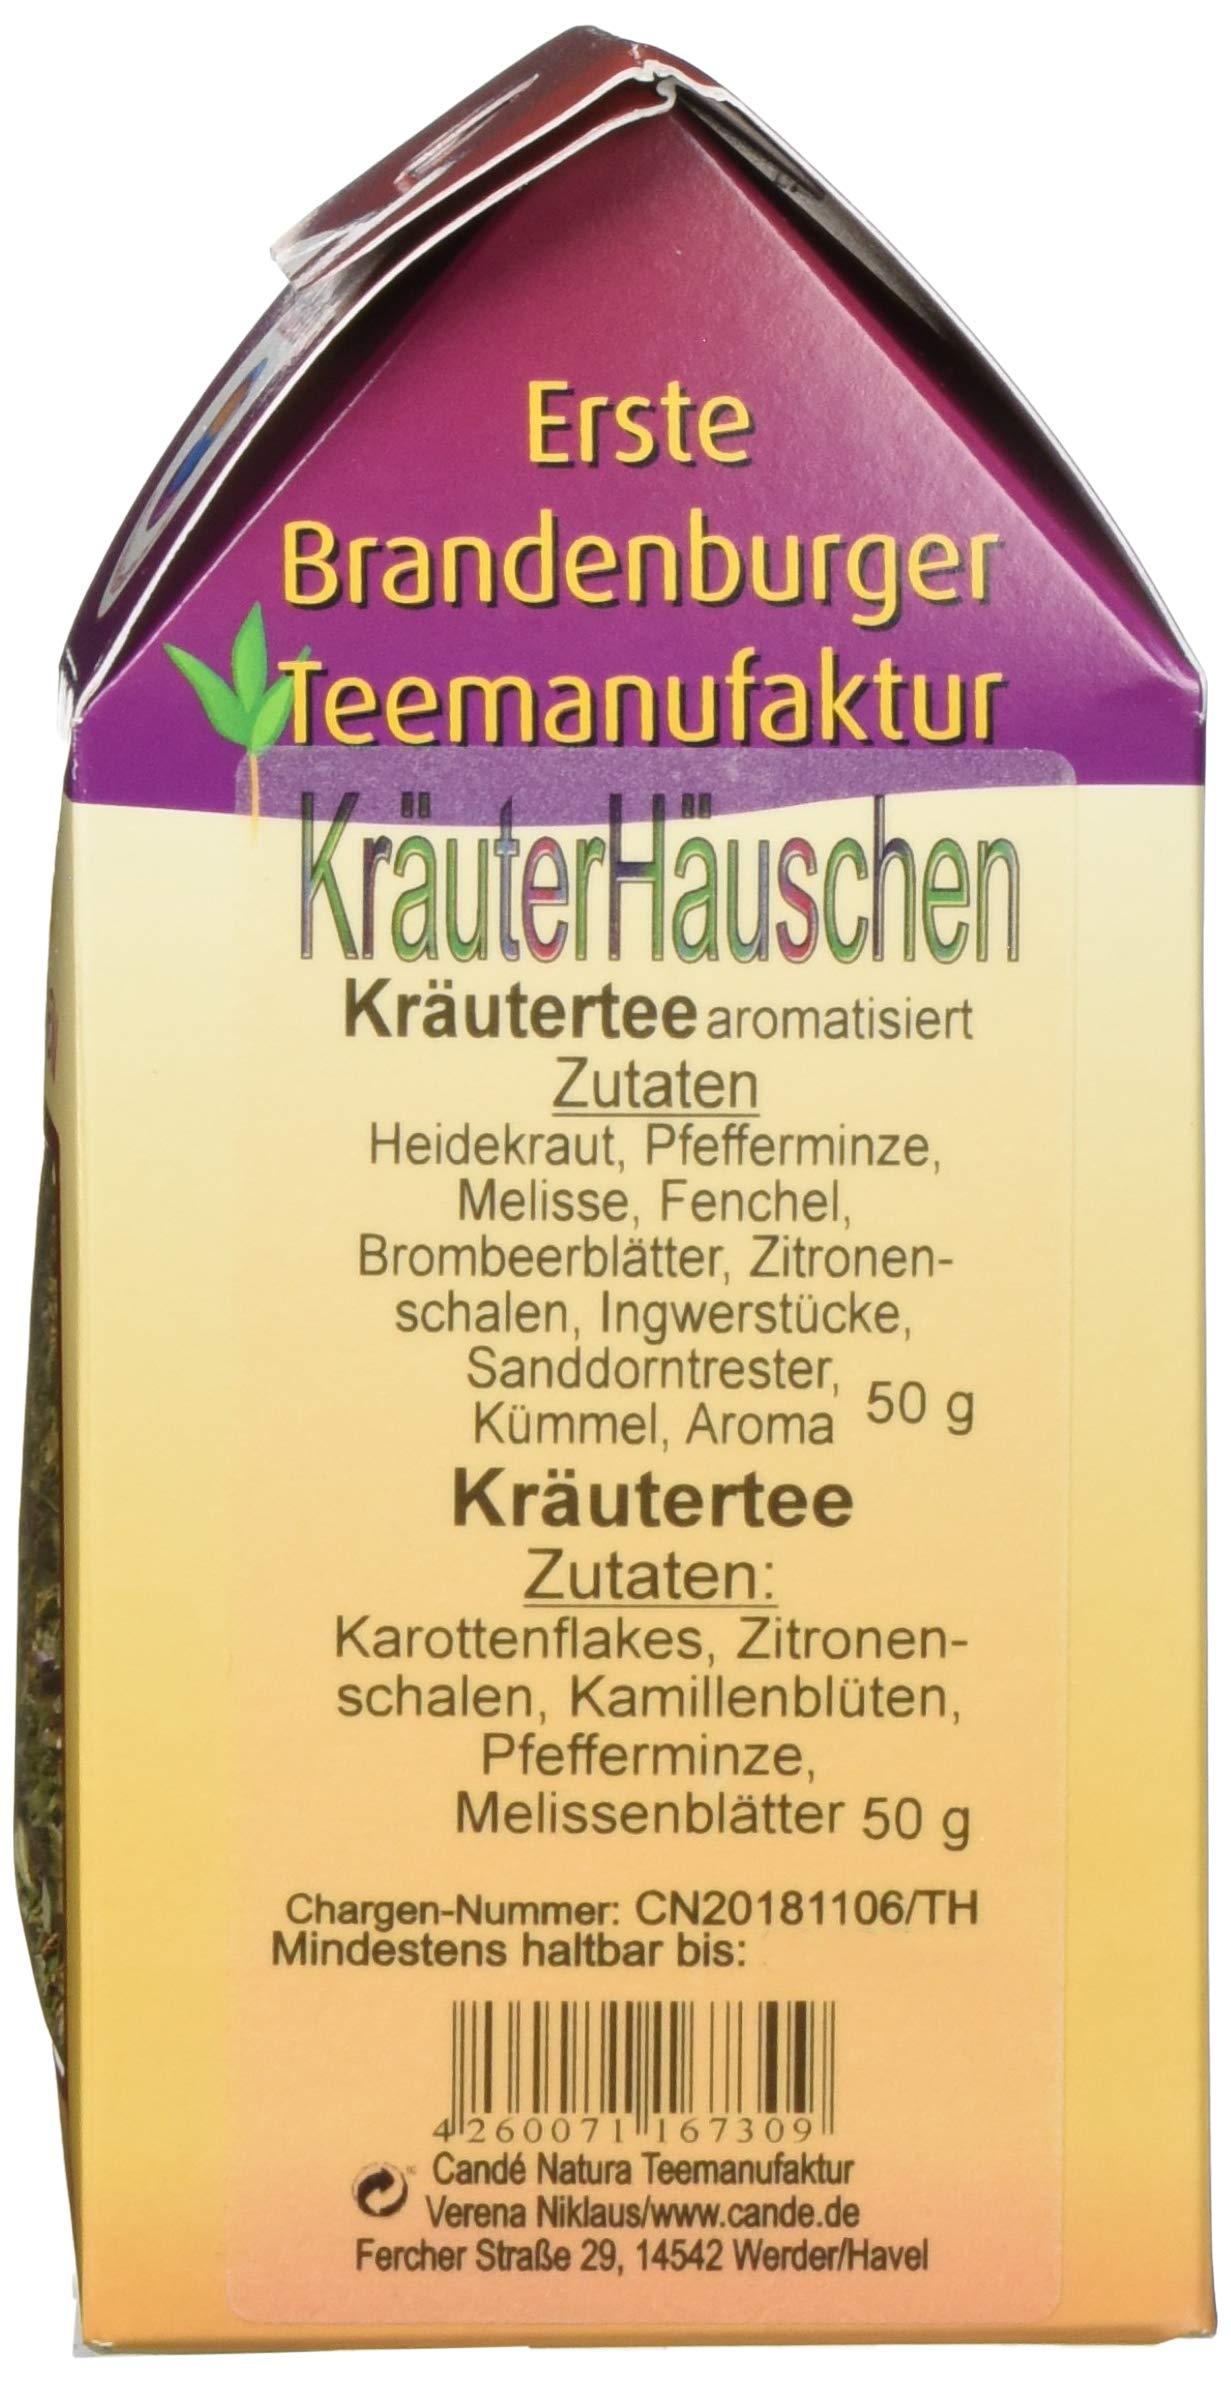 Cand-Natura-Teemanufaktur-Zuhause-Teegeschenk-Kruterhuschen-Krutermax-Kruterliesel-5er-Pack-5-x-100-g